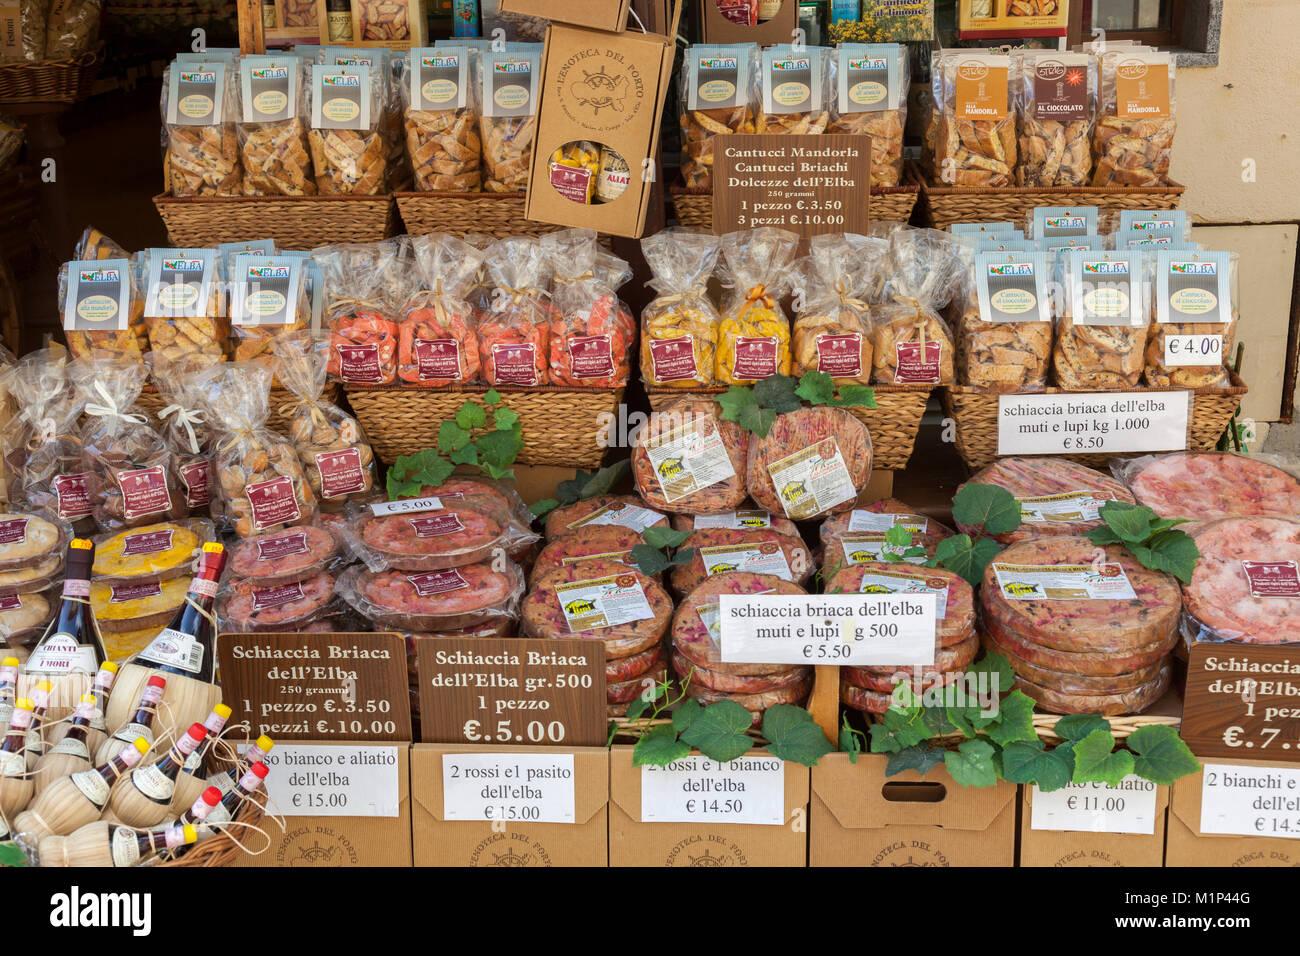 Shop von lokalen Wein und Essen, Marina di Campo, Insel Elba, Livorno Provinz, Toskana, Italien, Europa Stockbild